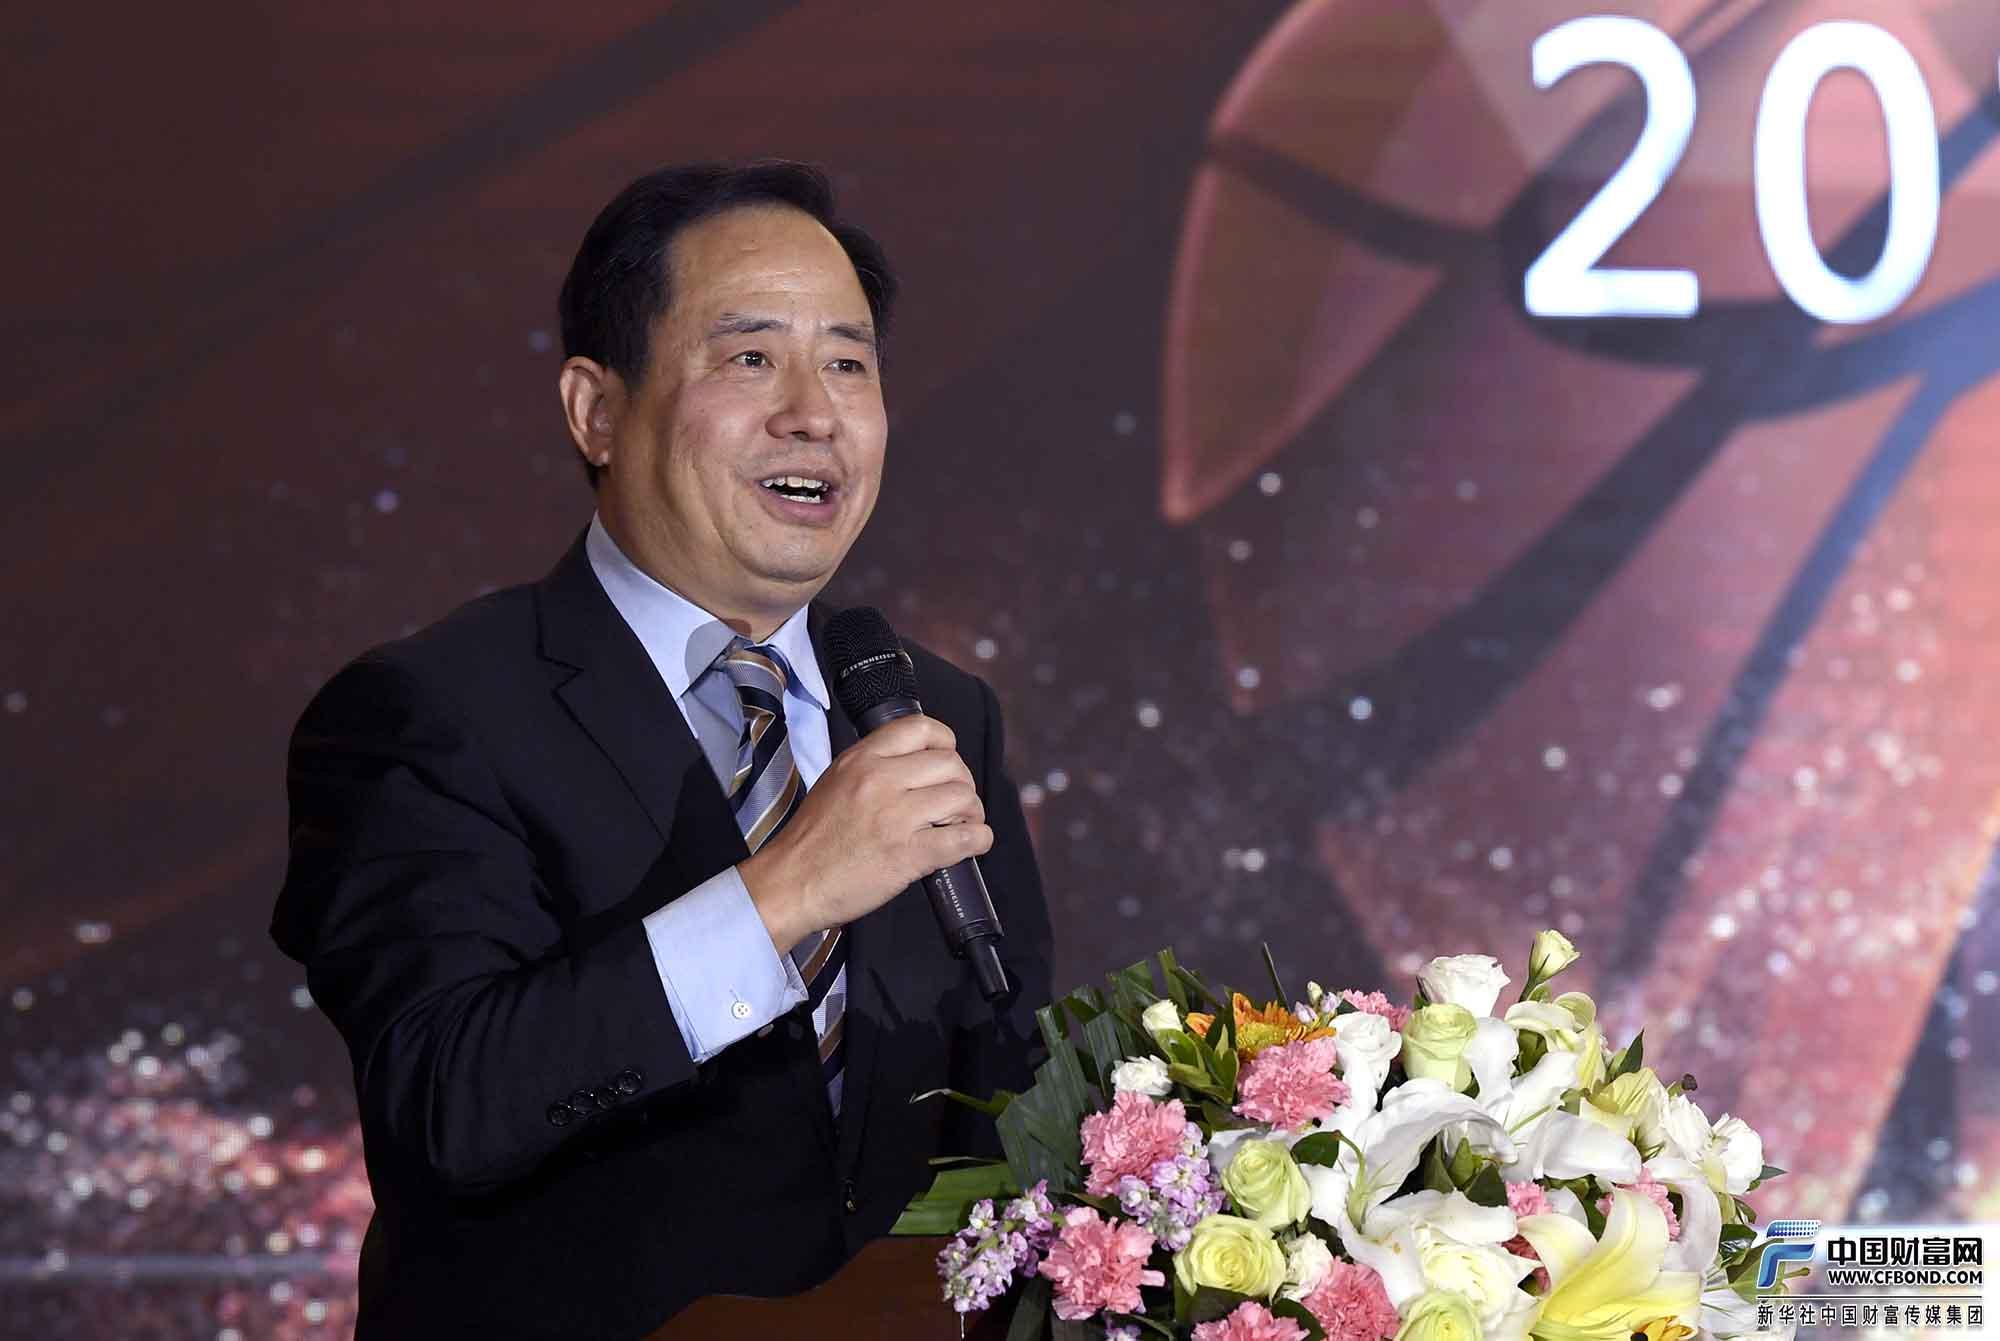 中国国际经济交流中心战略研究部副部长任海平